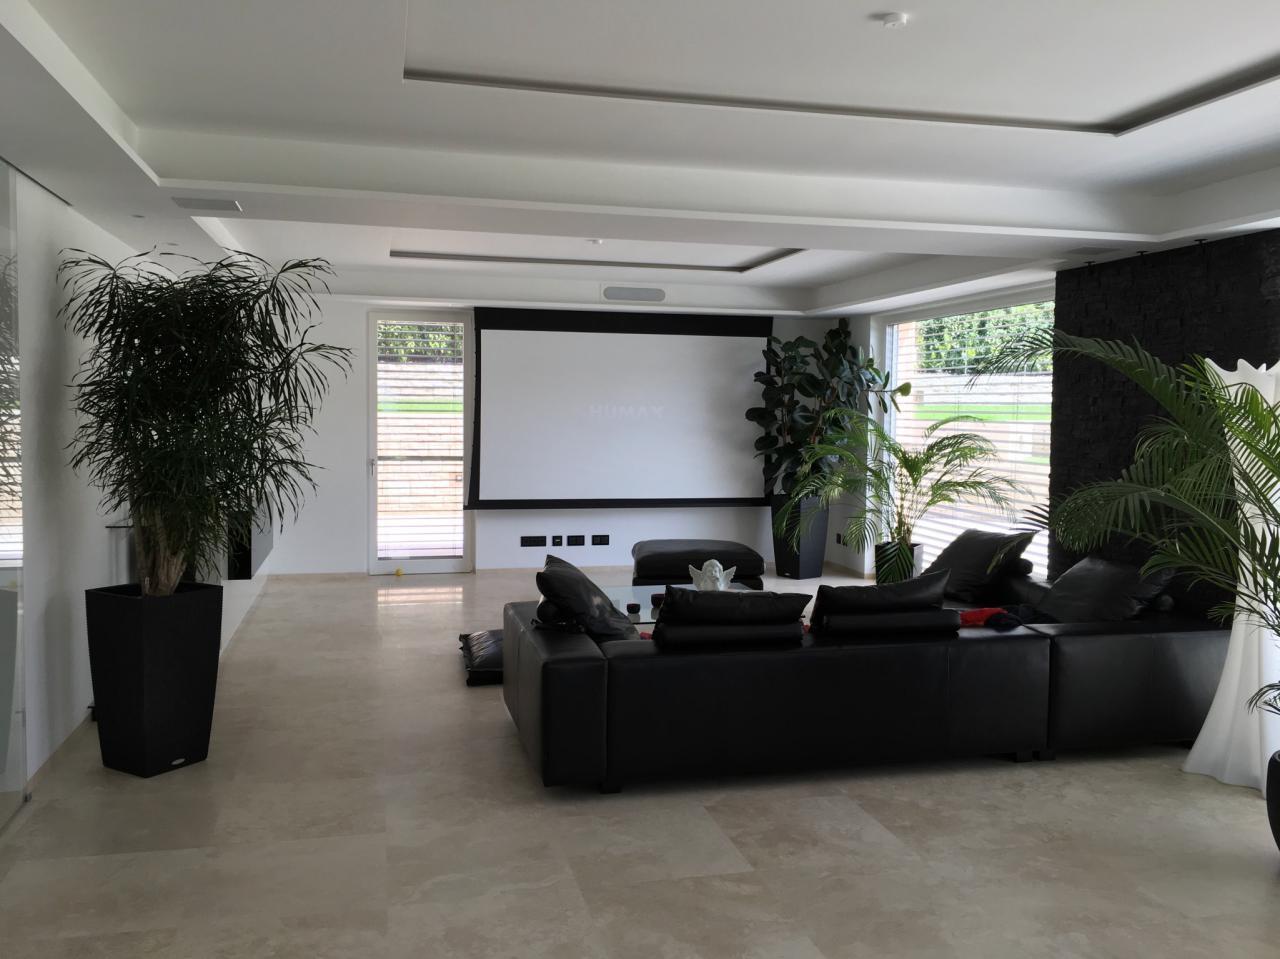 heimkino selbst bauen besuchen sie heimkinoraum. Black Bedroom Furniture Sets. Home Design Ideas